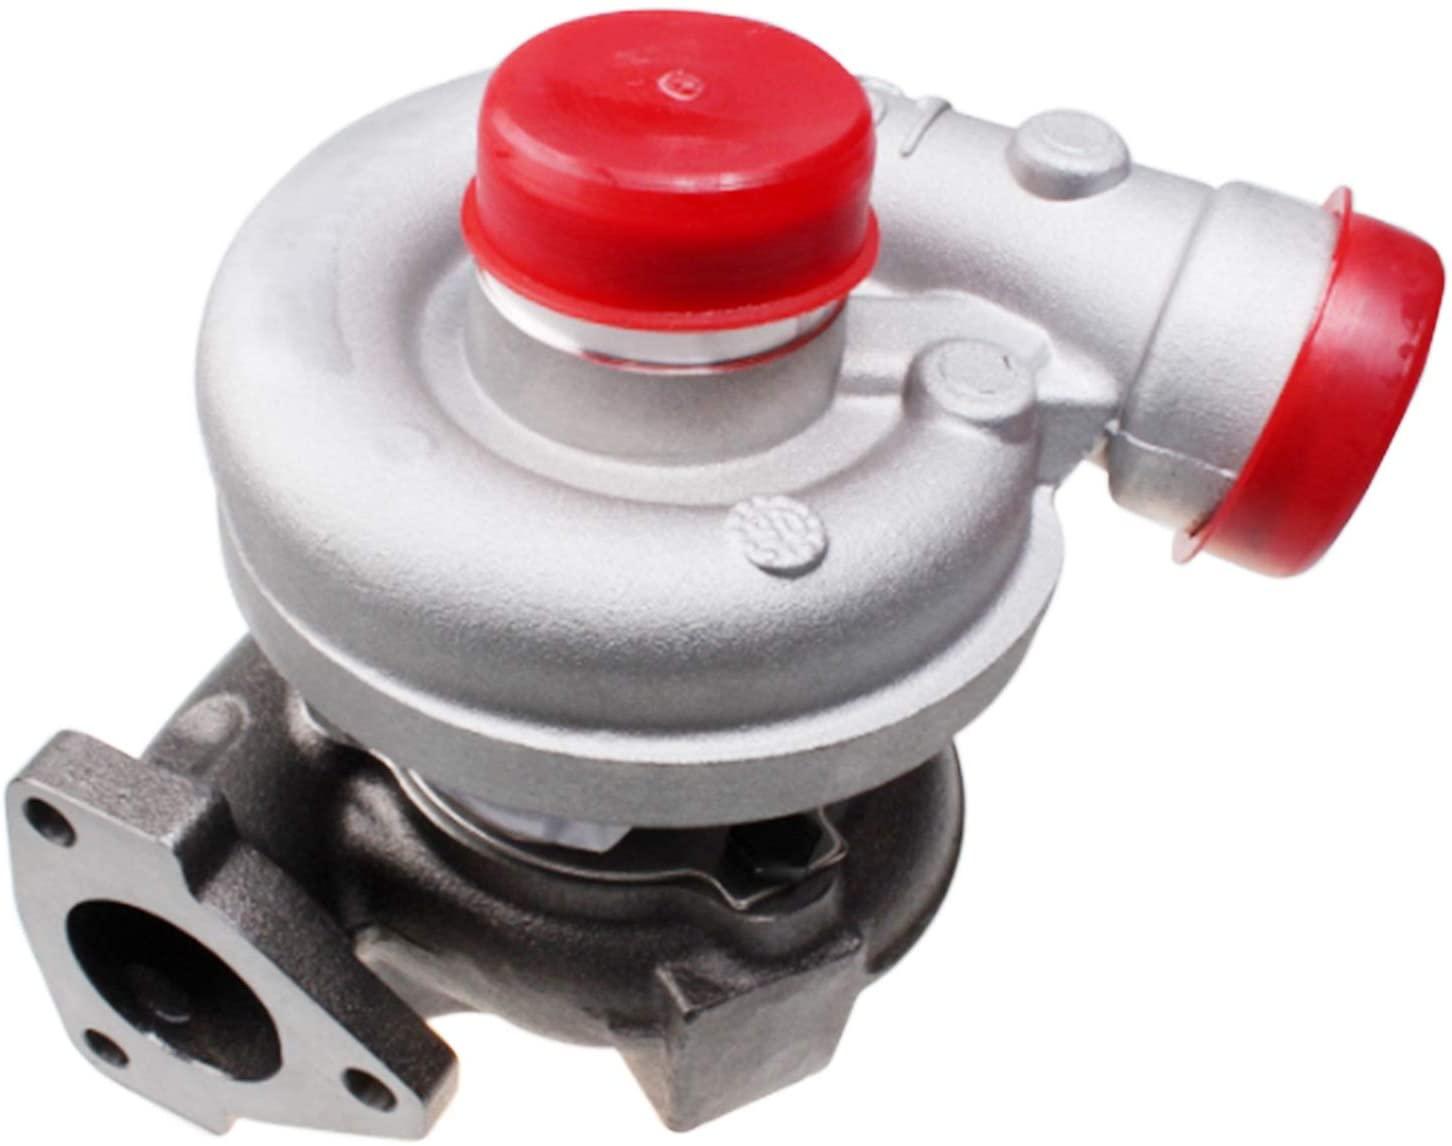 KRRK-parts BF4M1011 Turbocharger 04281437 for Deutz Engine Bobcat Skid Steer Loaders 863 873